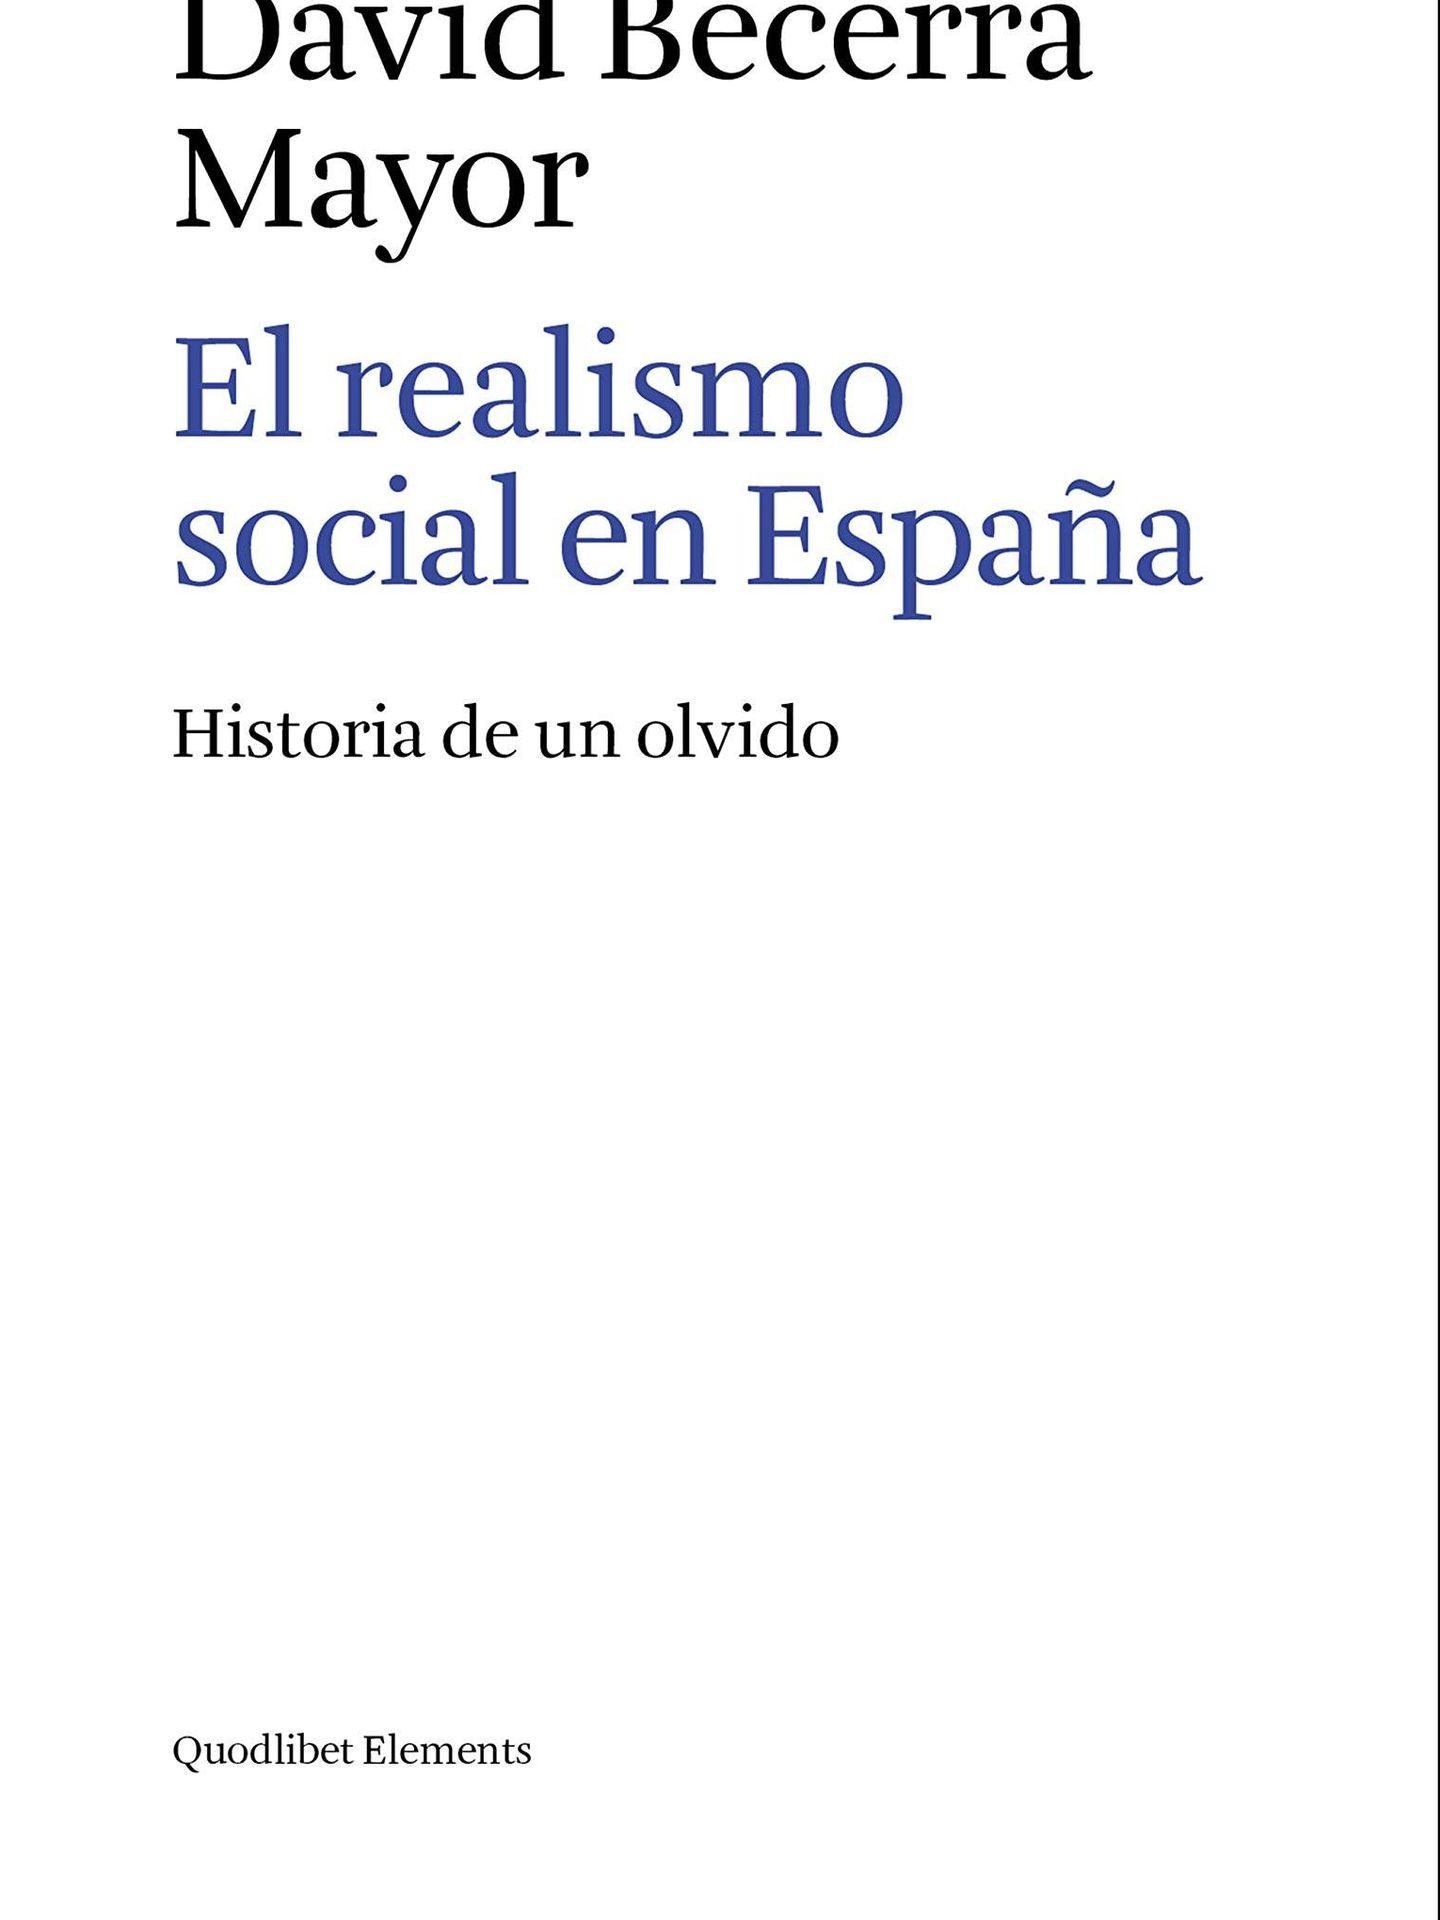 'El realismo social en España'